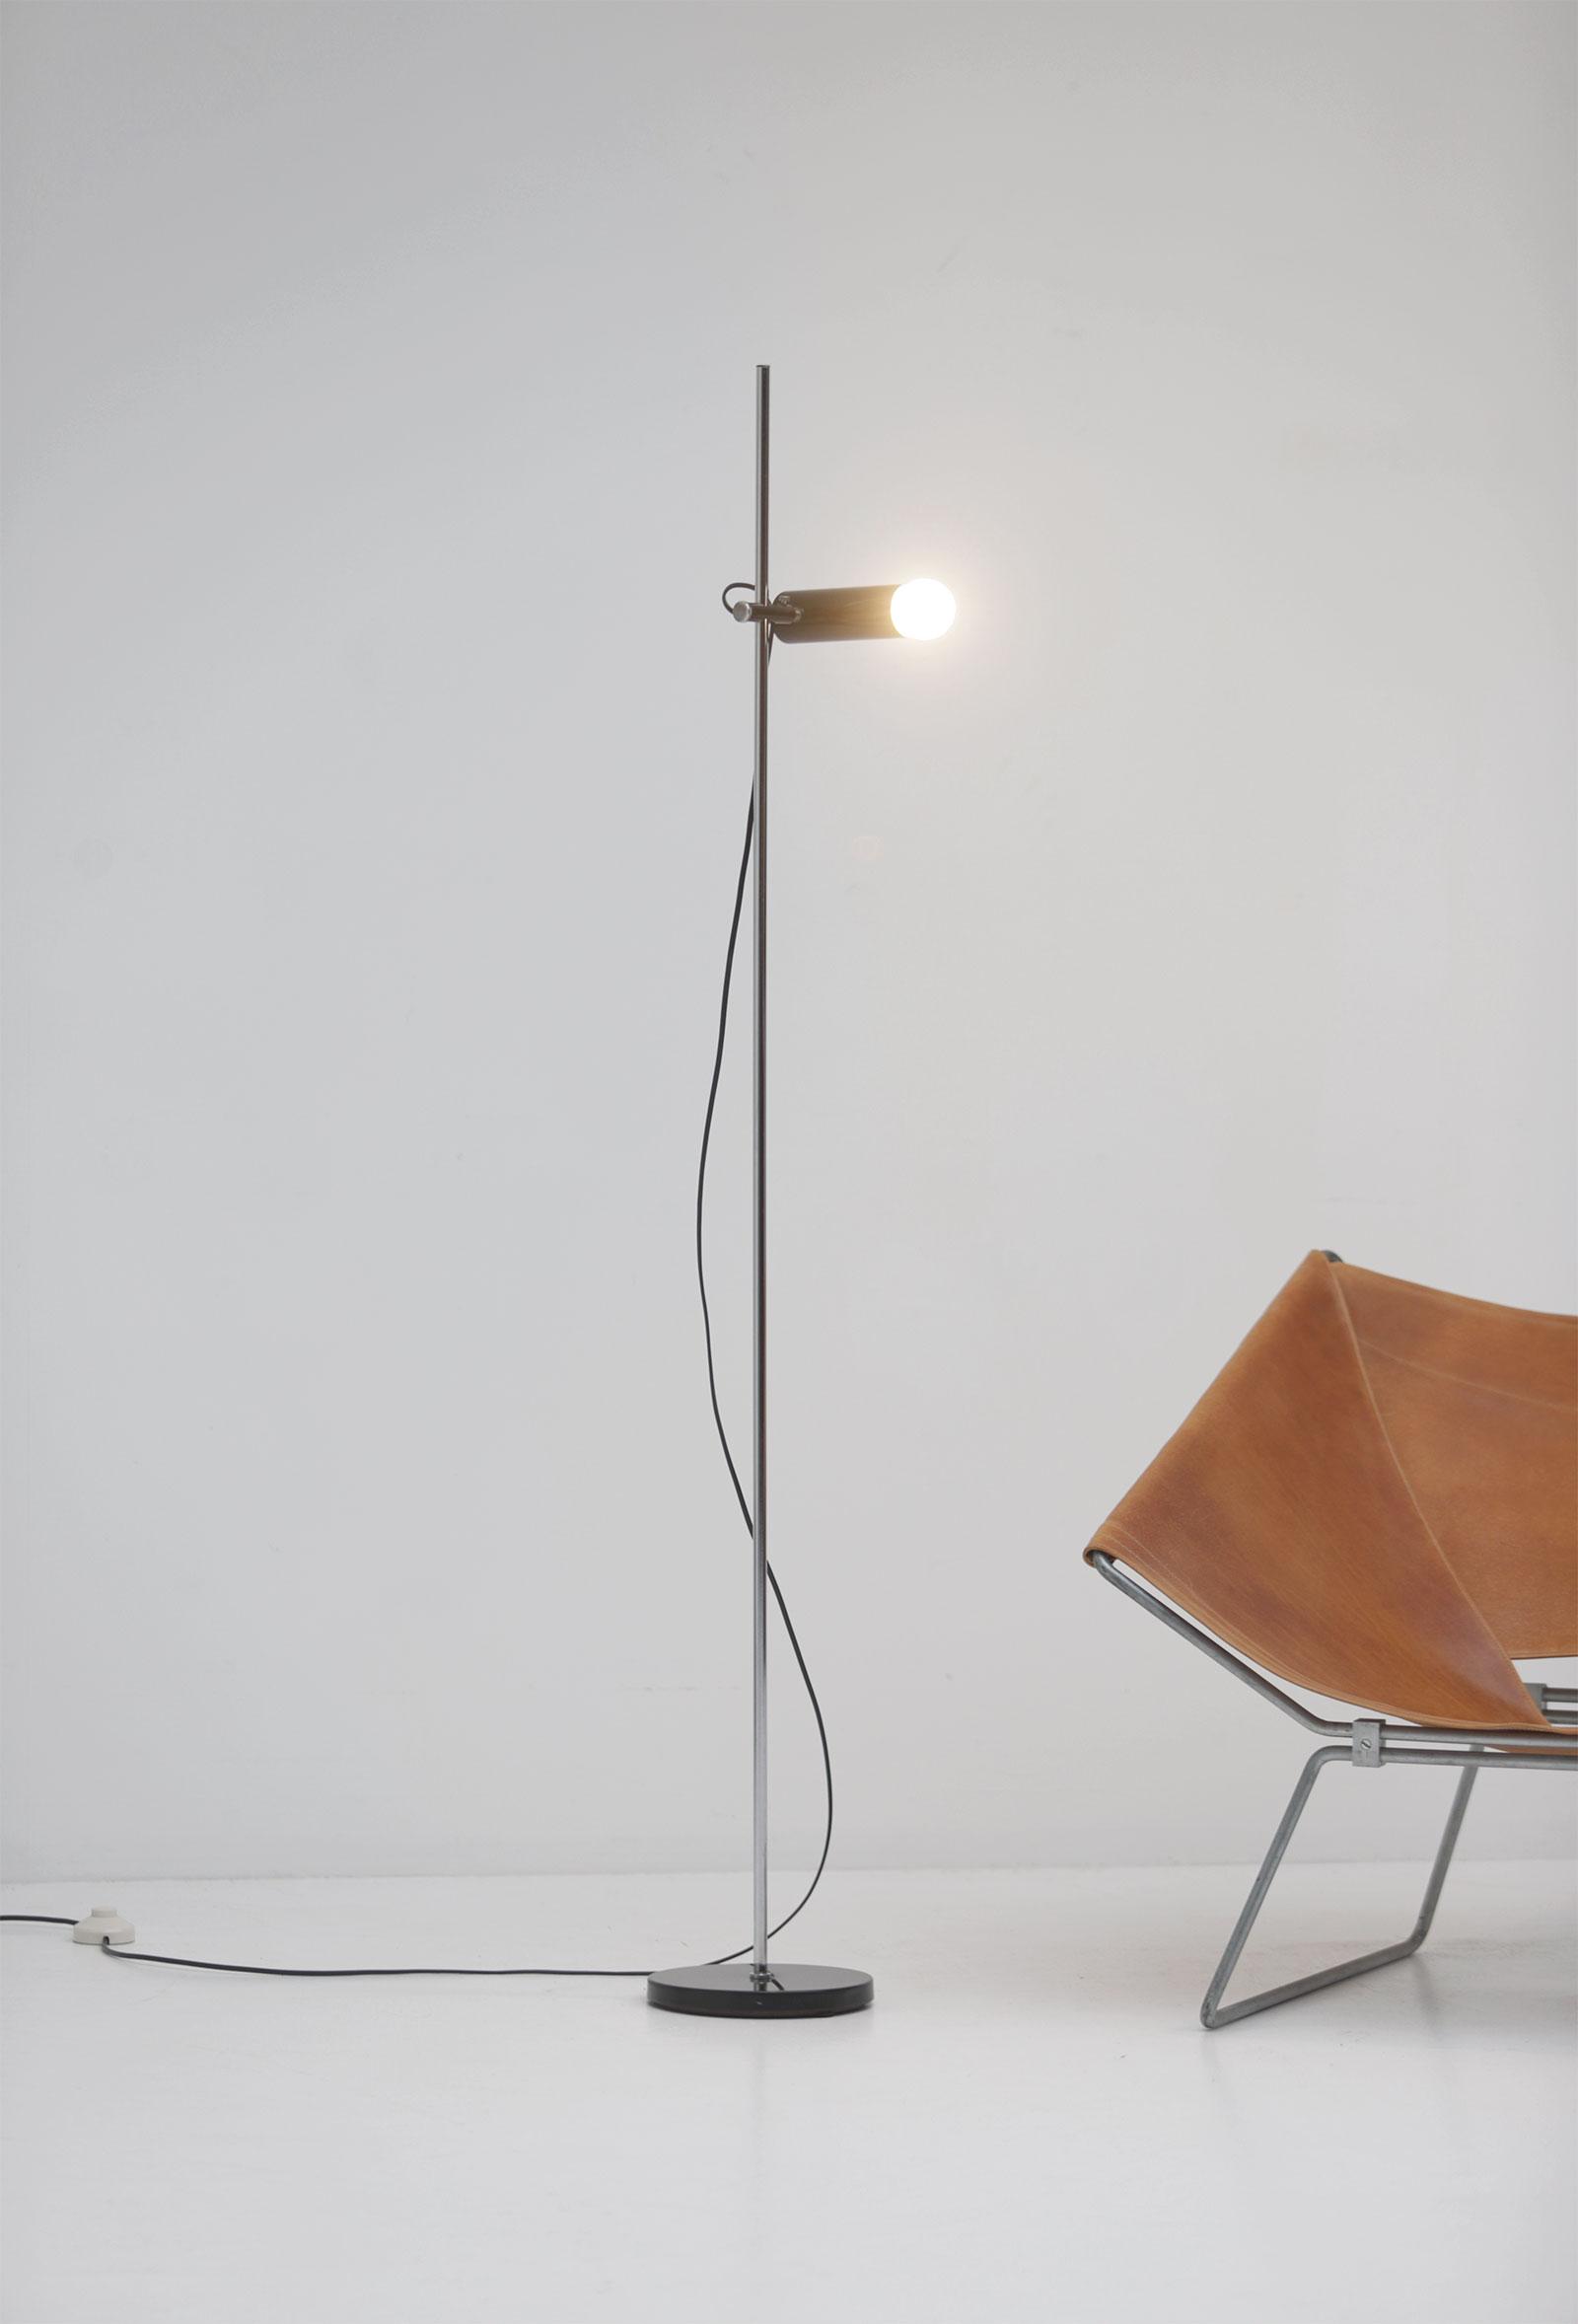 1950s Minimalist adjustable floor lampimage 1